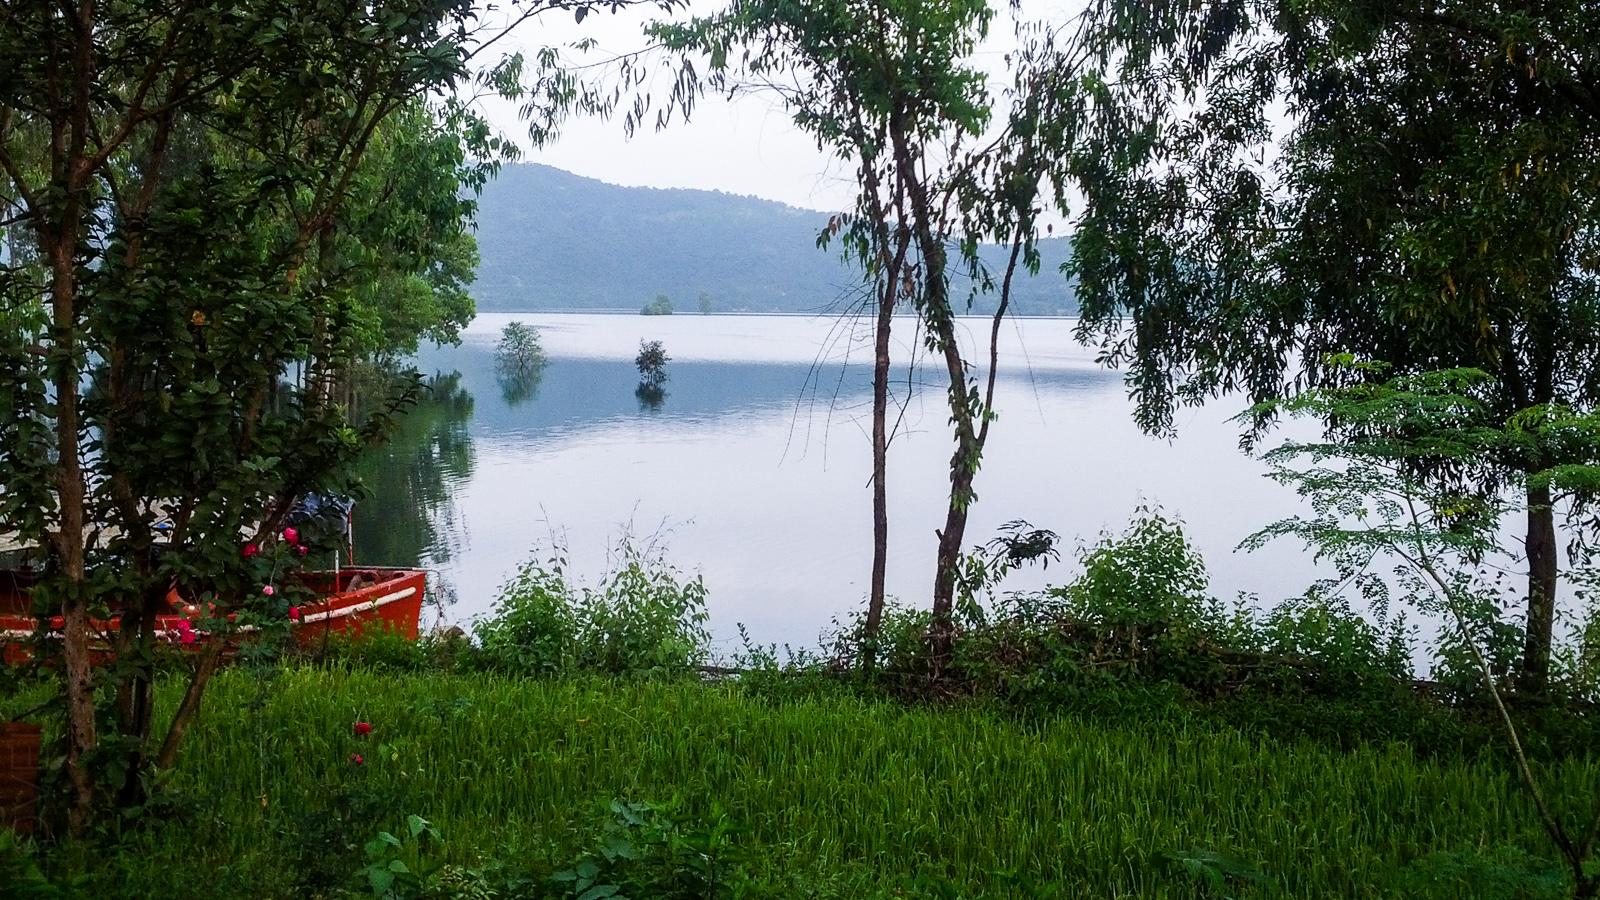 Morning view at Bamnoli